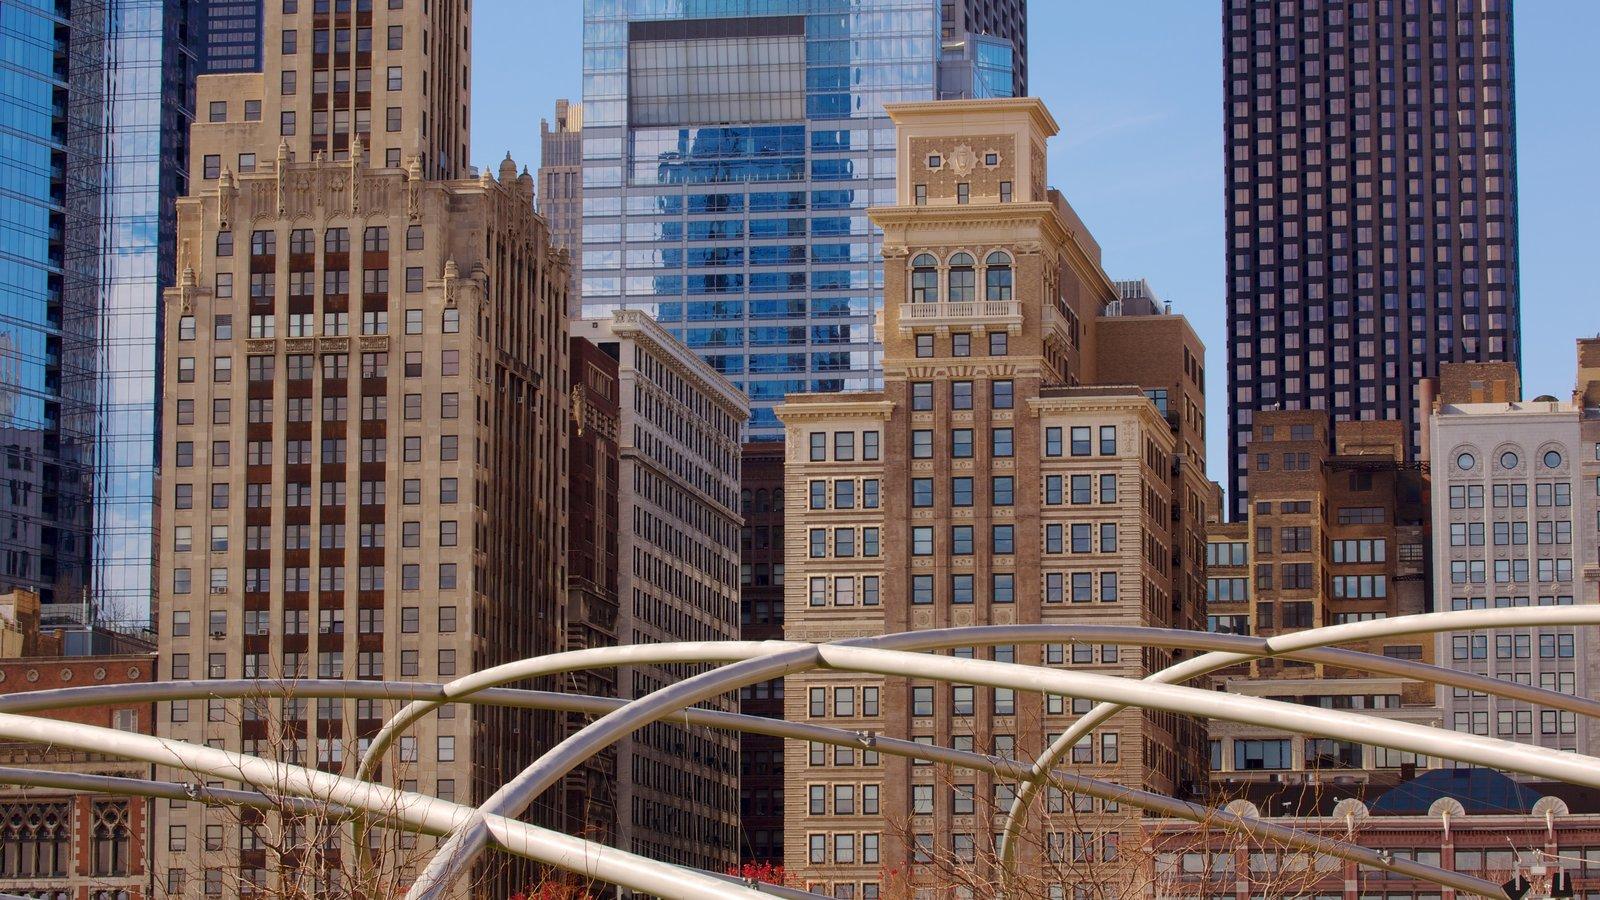 Millennium Park mostrando un edificio de gran altura, vistas a la ciudad y una ciudad